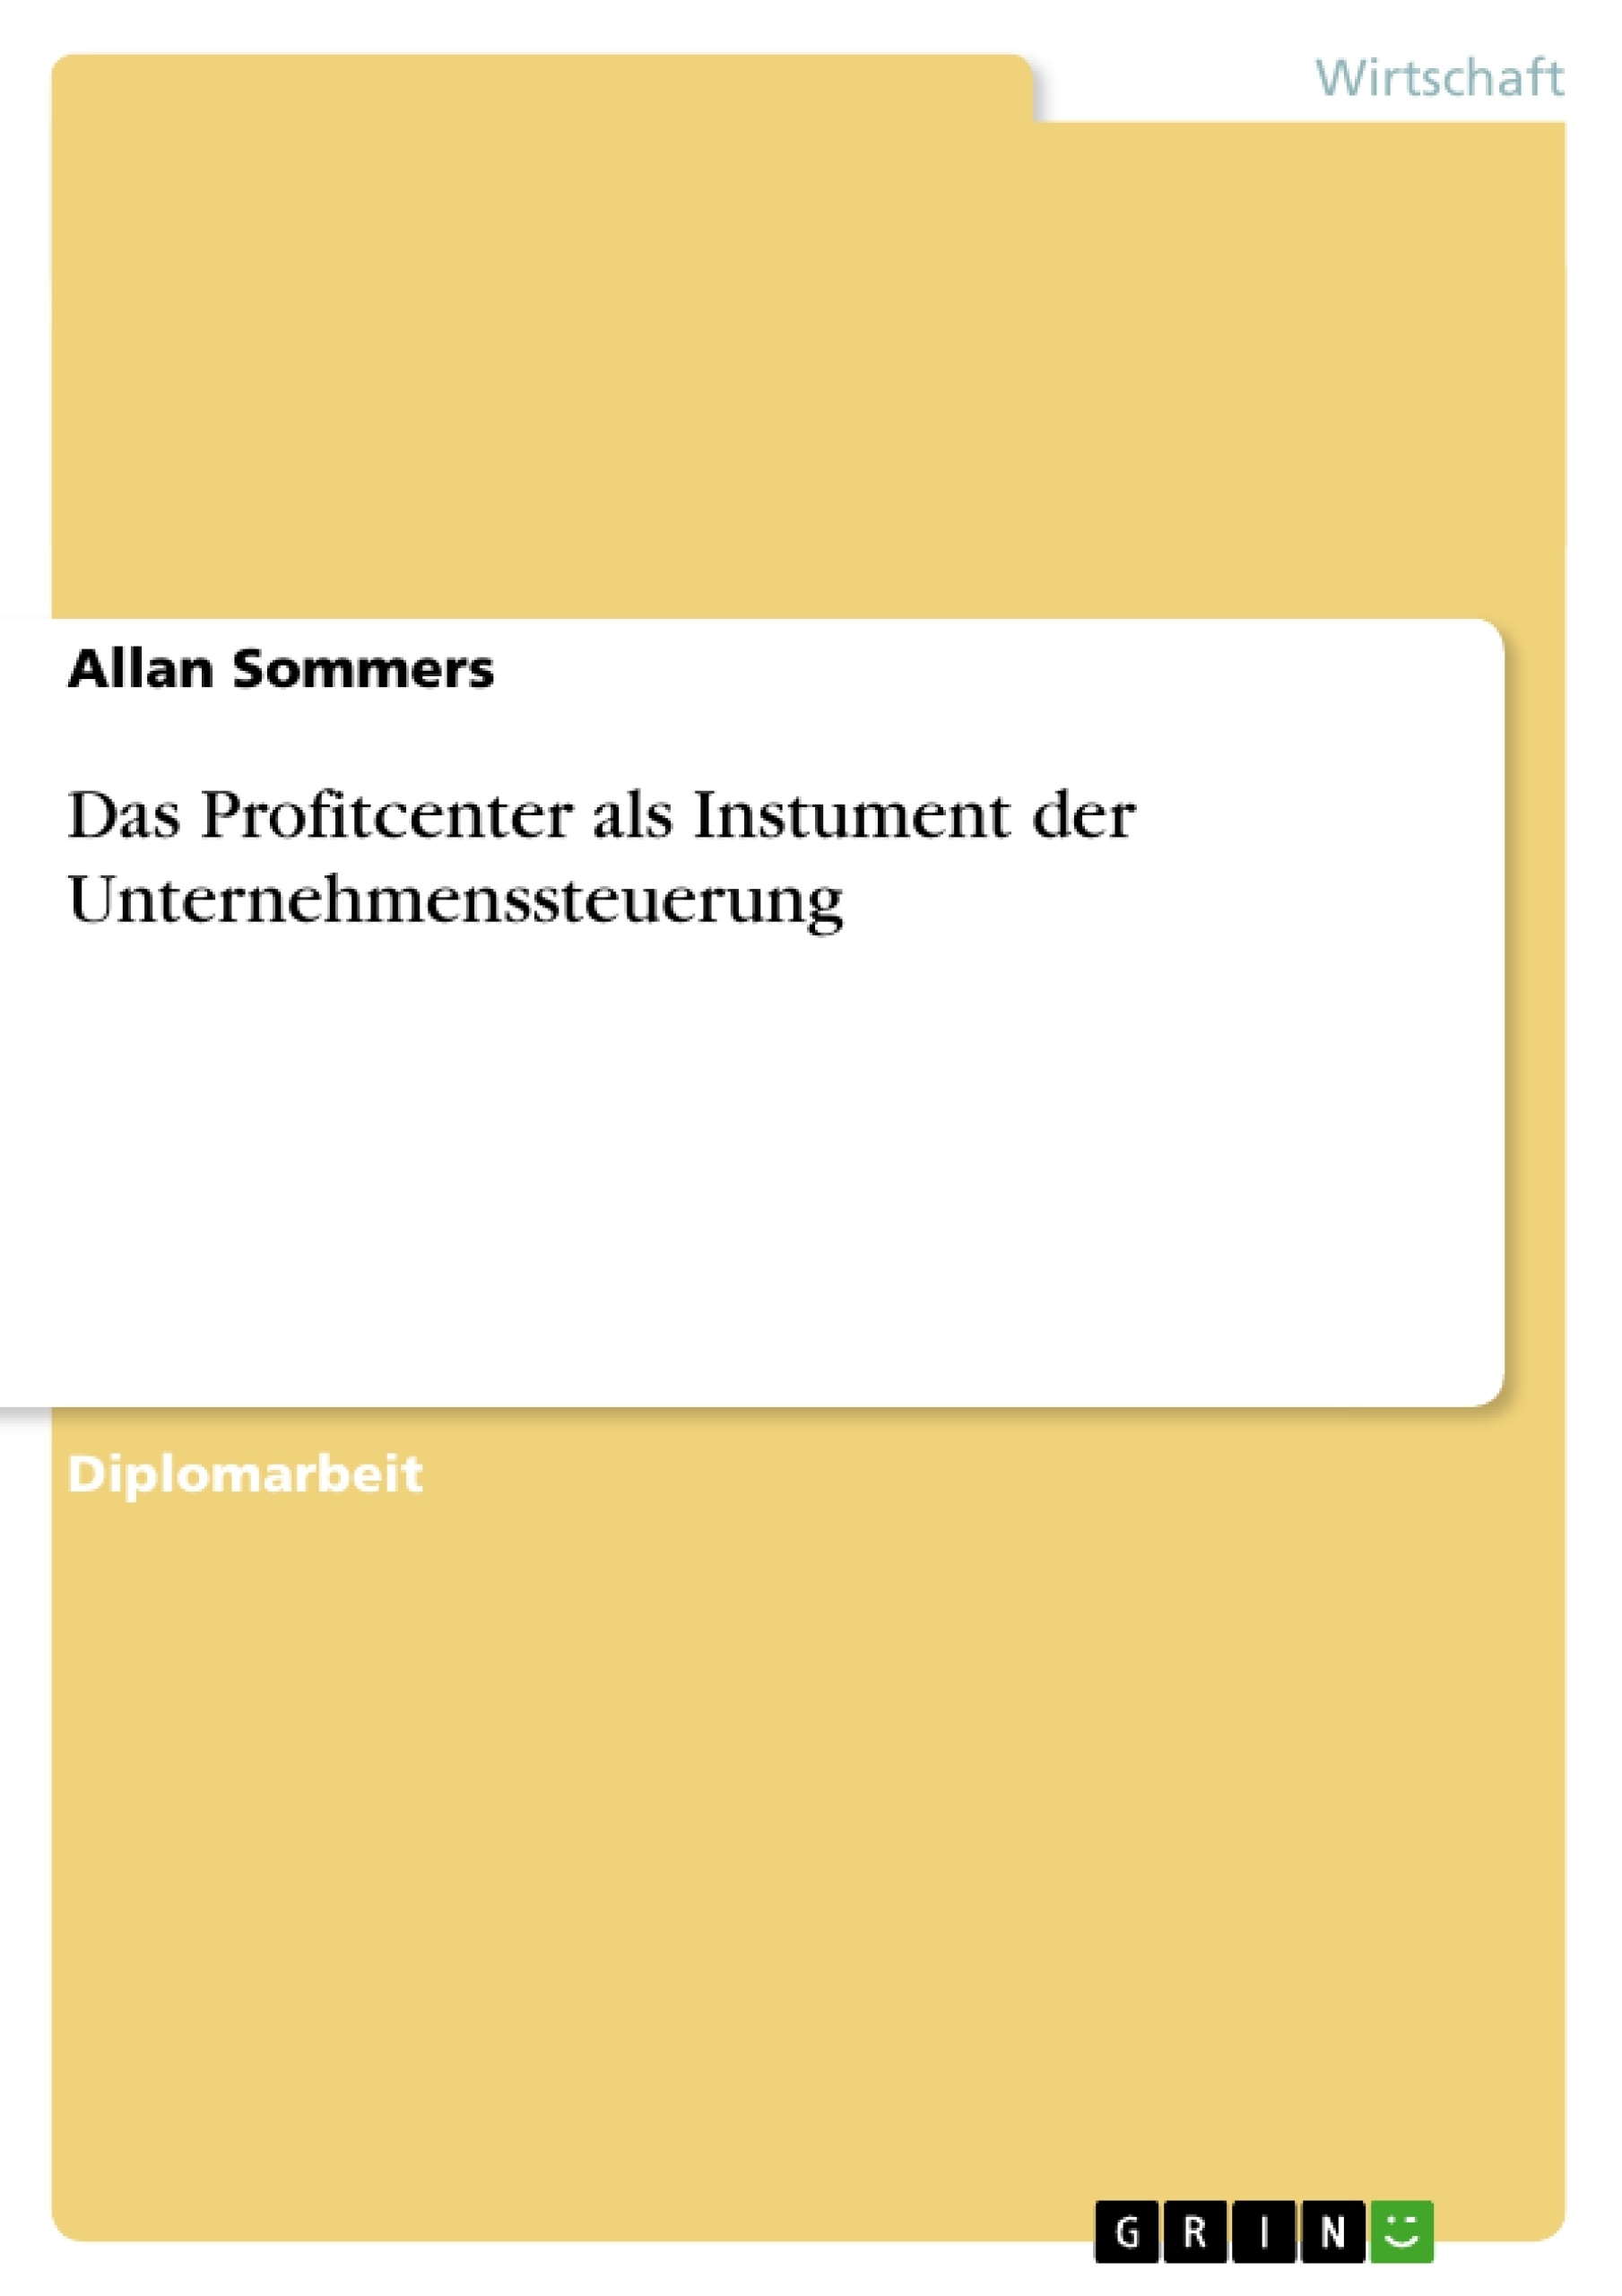 Titel: Das Profitcenter als Instument der Unternehmenssteuerung